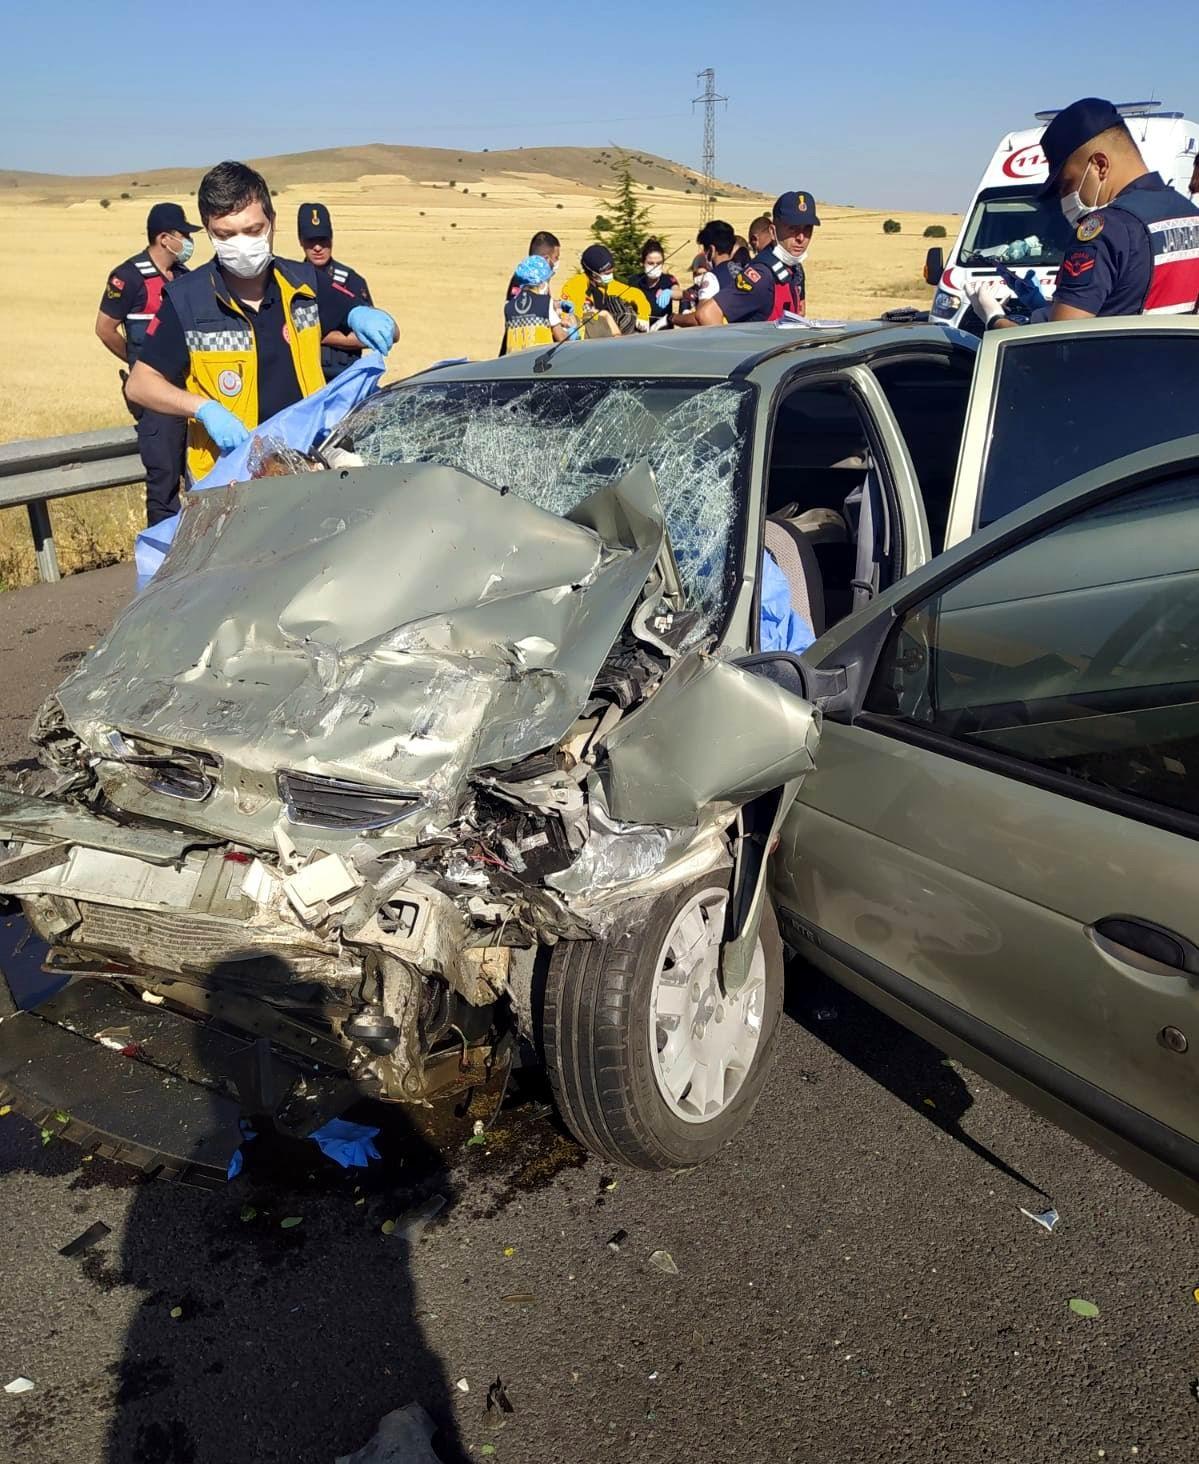 Kayseri'de kaza yapan polis memuru hayatını kaybetti #2